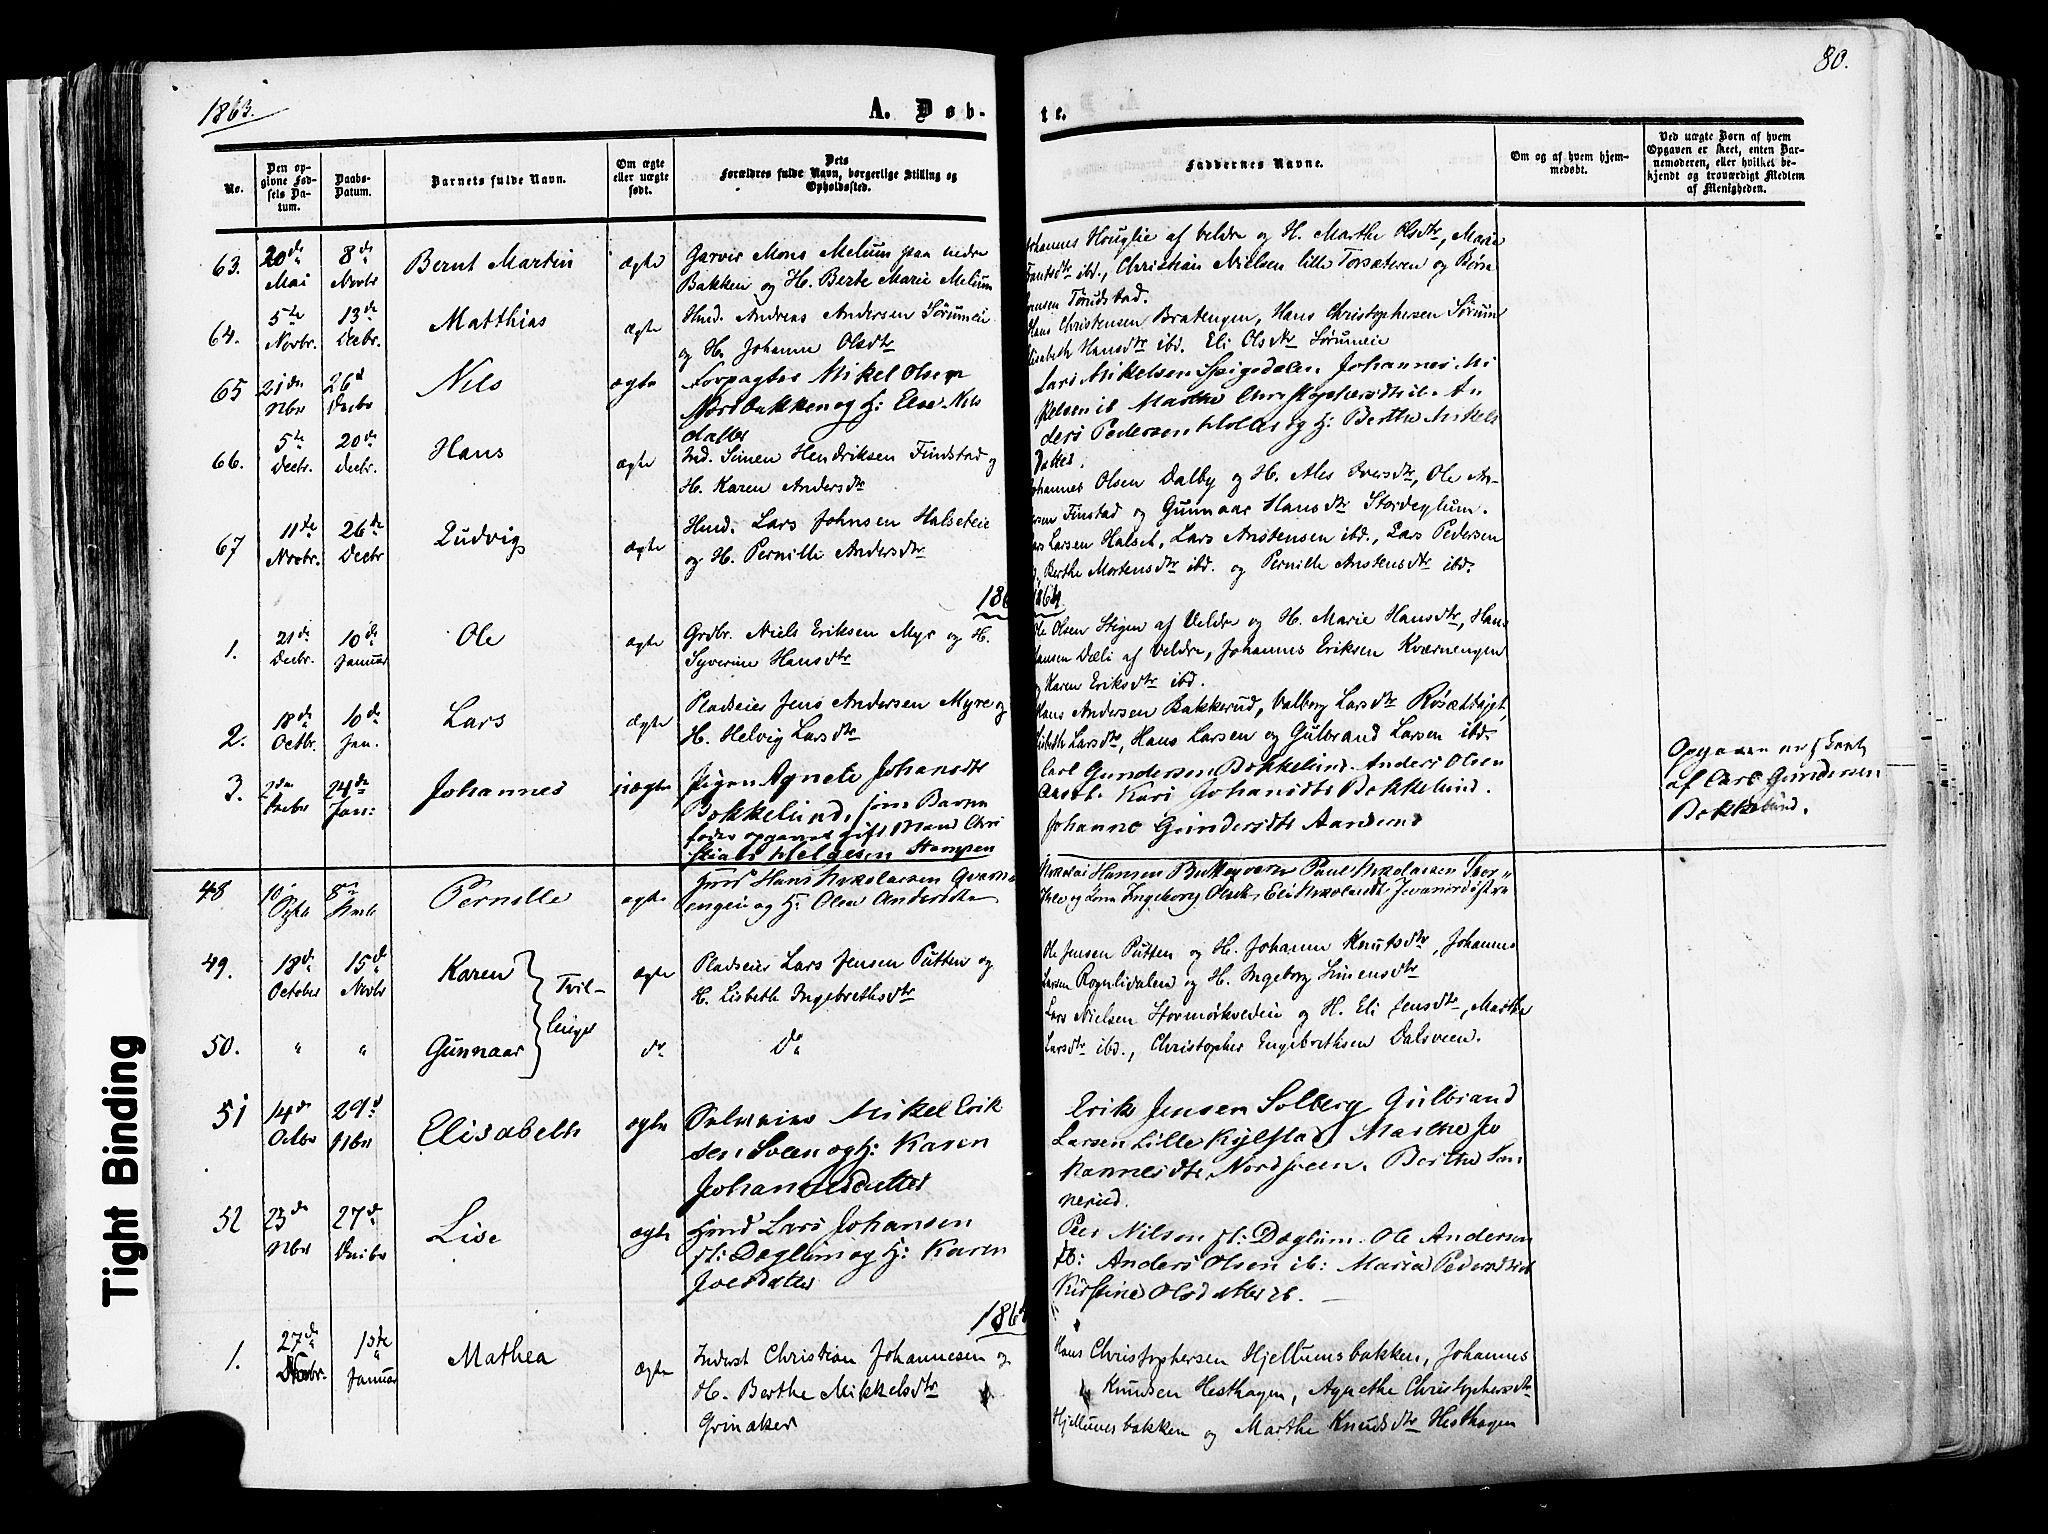 SAH, Vang prestekontor, Hedmark, H/Ha/Haa/L0013: Ministerialbok nr. 13, 1855-1879, s. 80